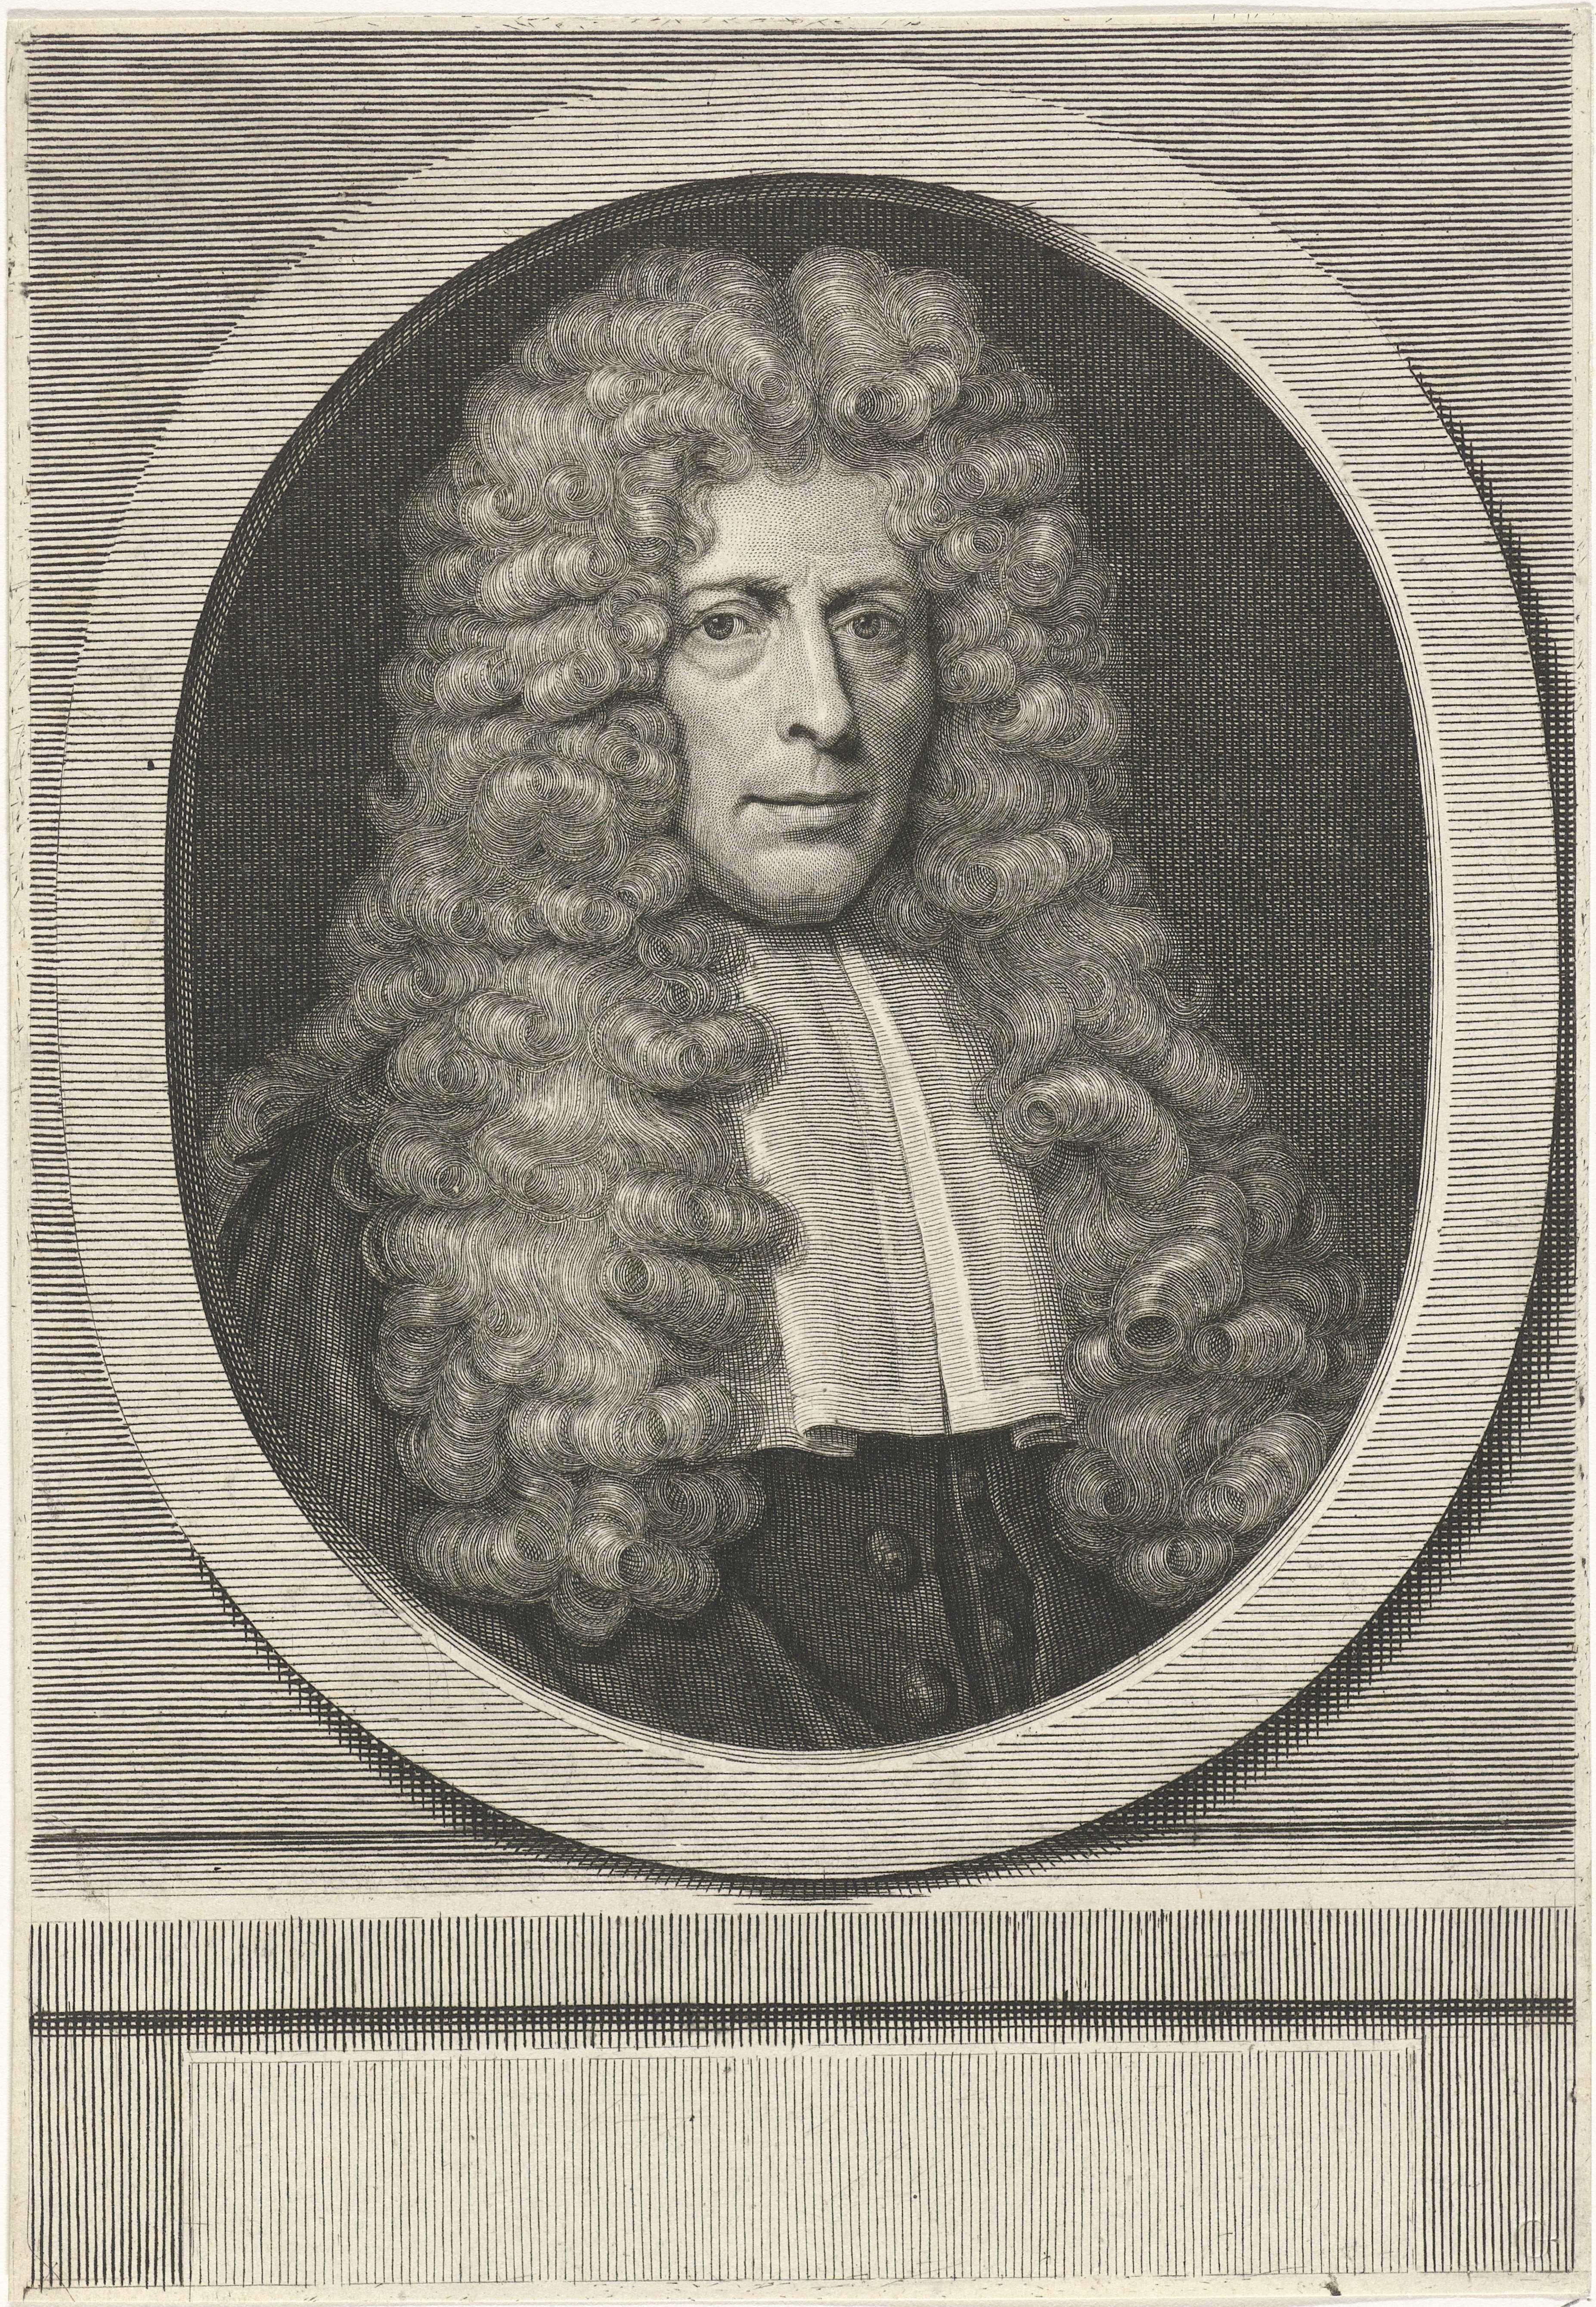 Pieter van Gunst | Portret van Dirk Schelte, Pieter van Gunst, 1713 | Dirk Schelte, Amsterdamse juwelier, diaken en burleske dichter.